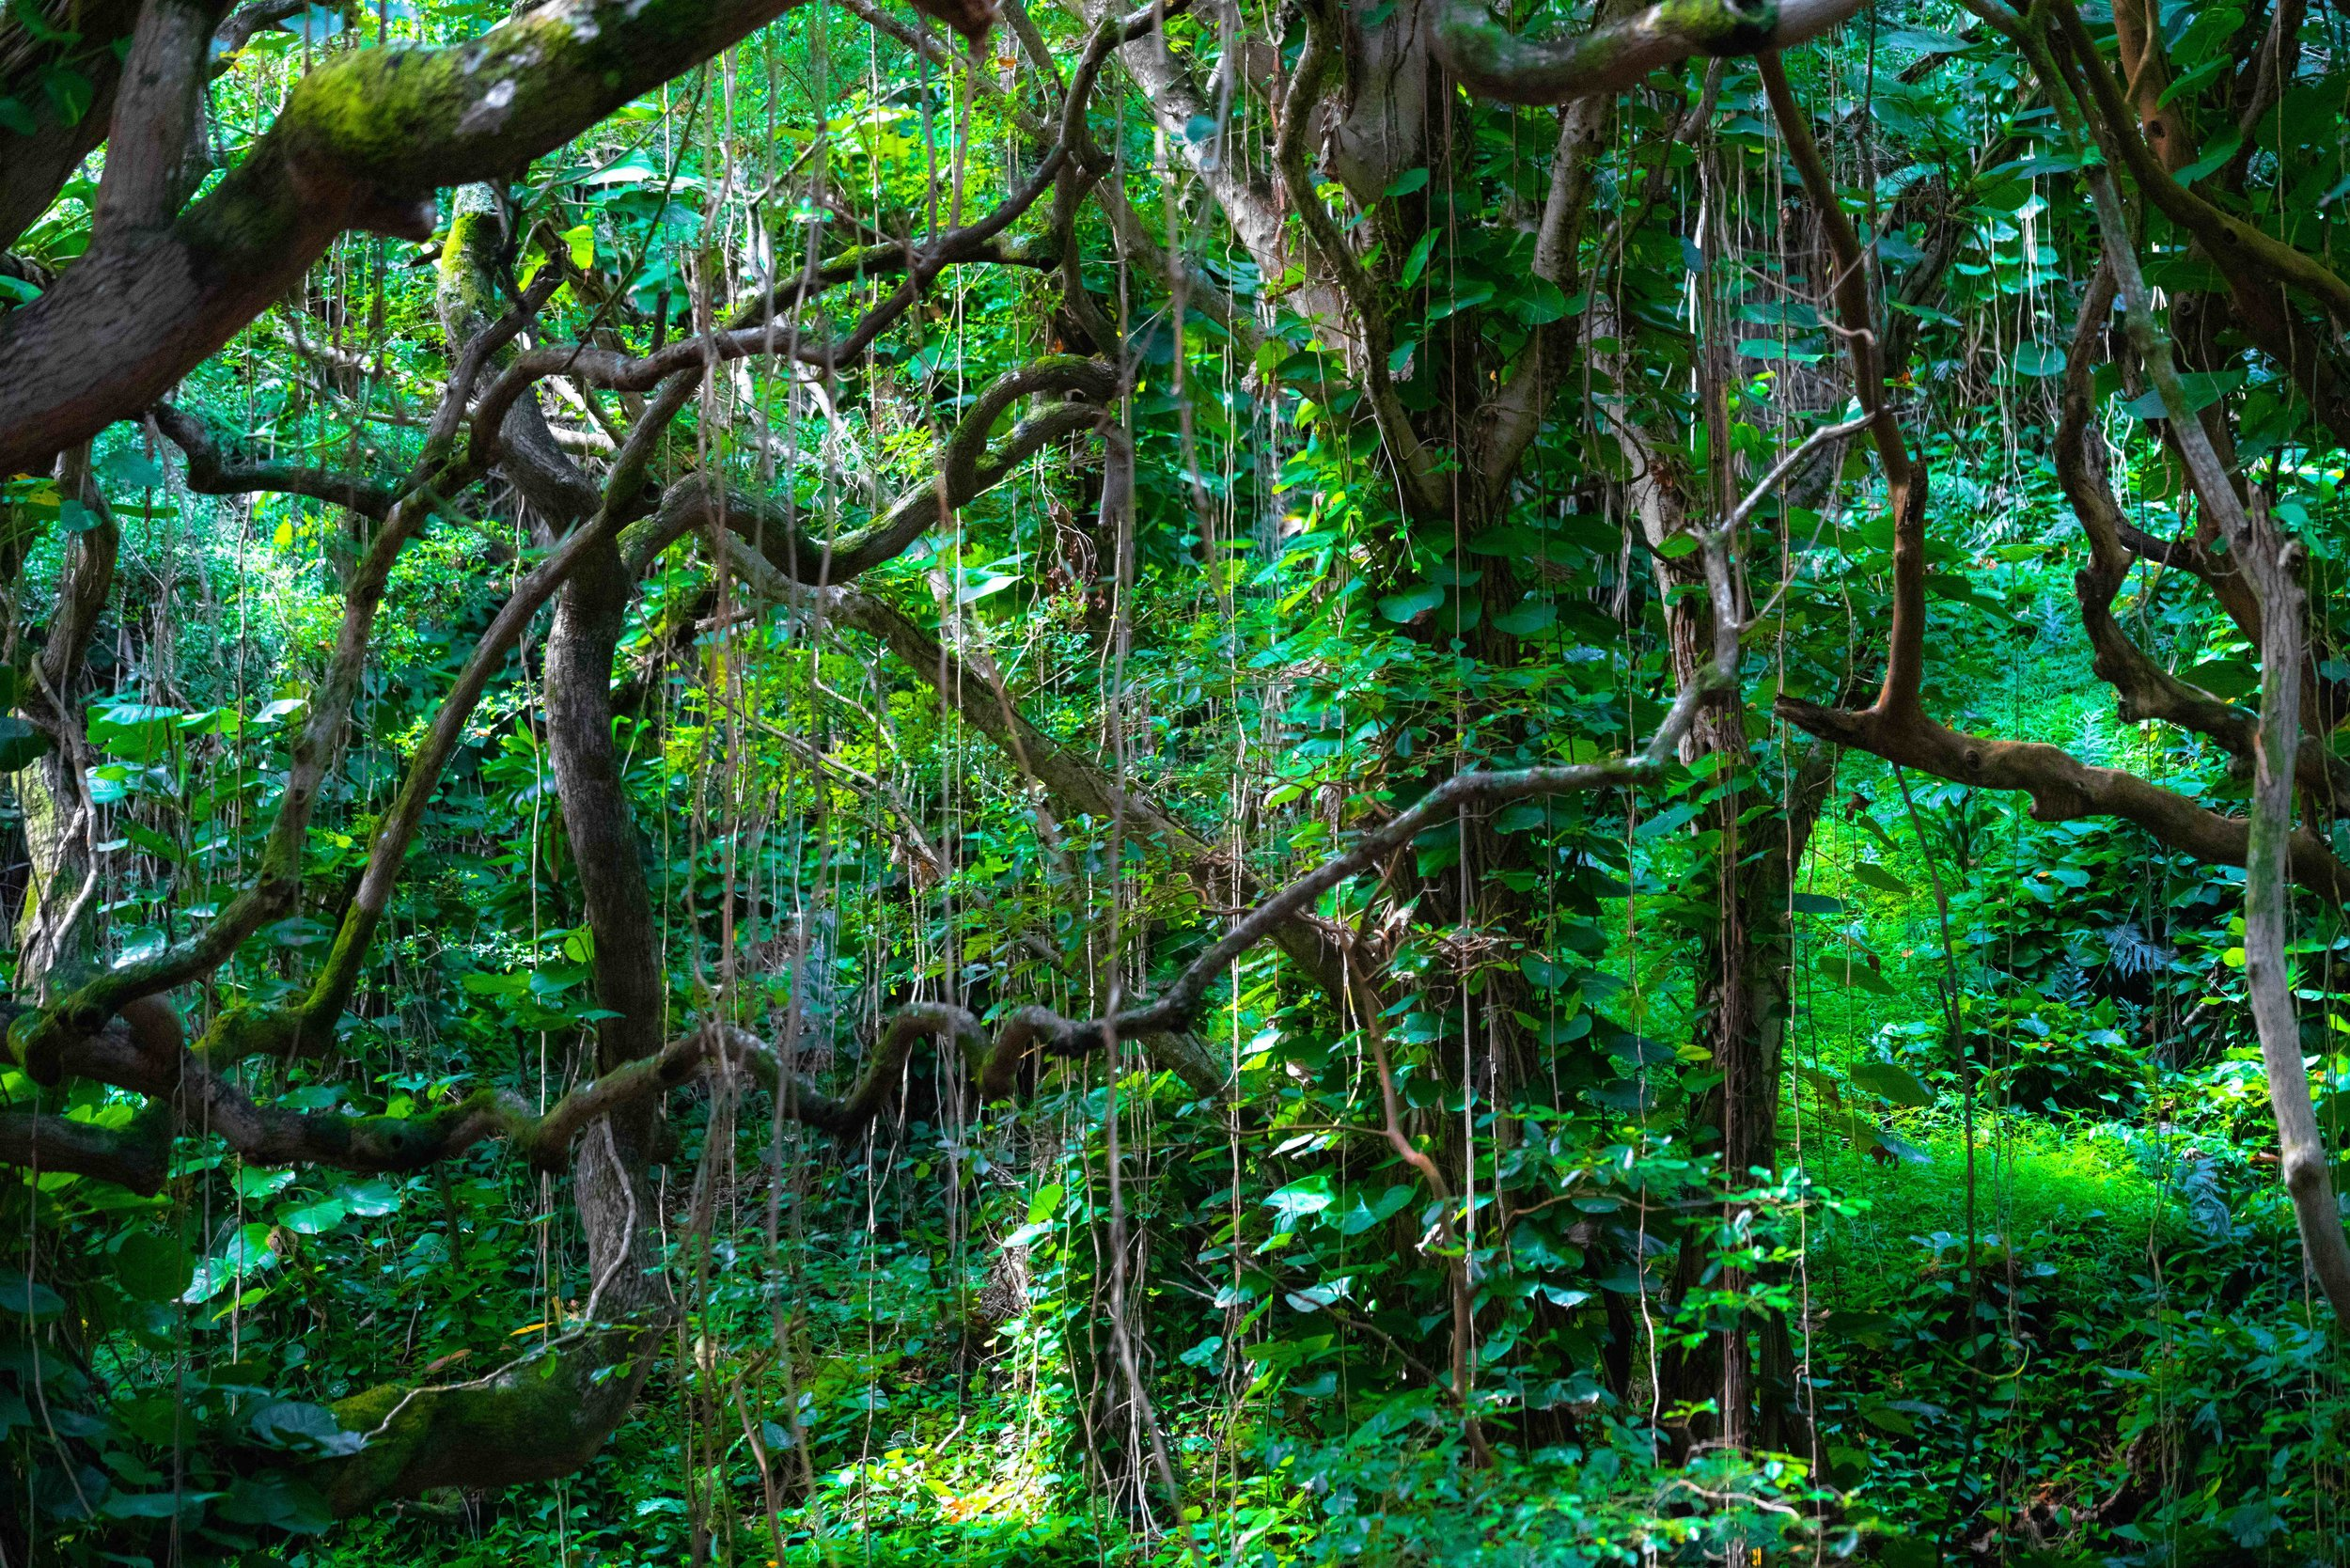 Kauai Hawaii Jungle